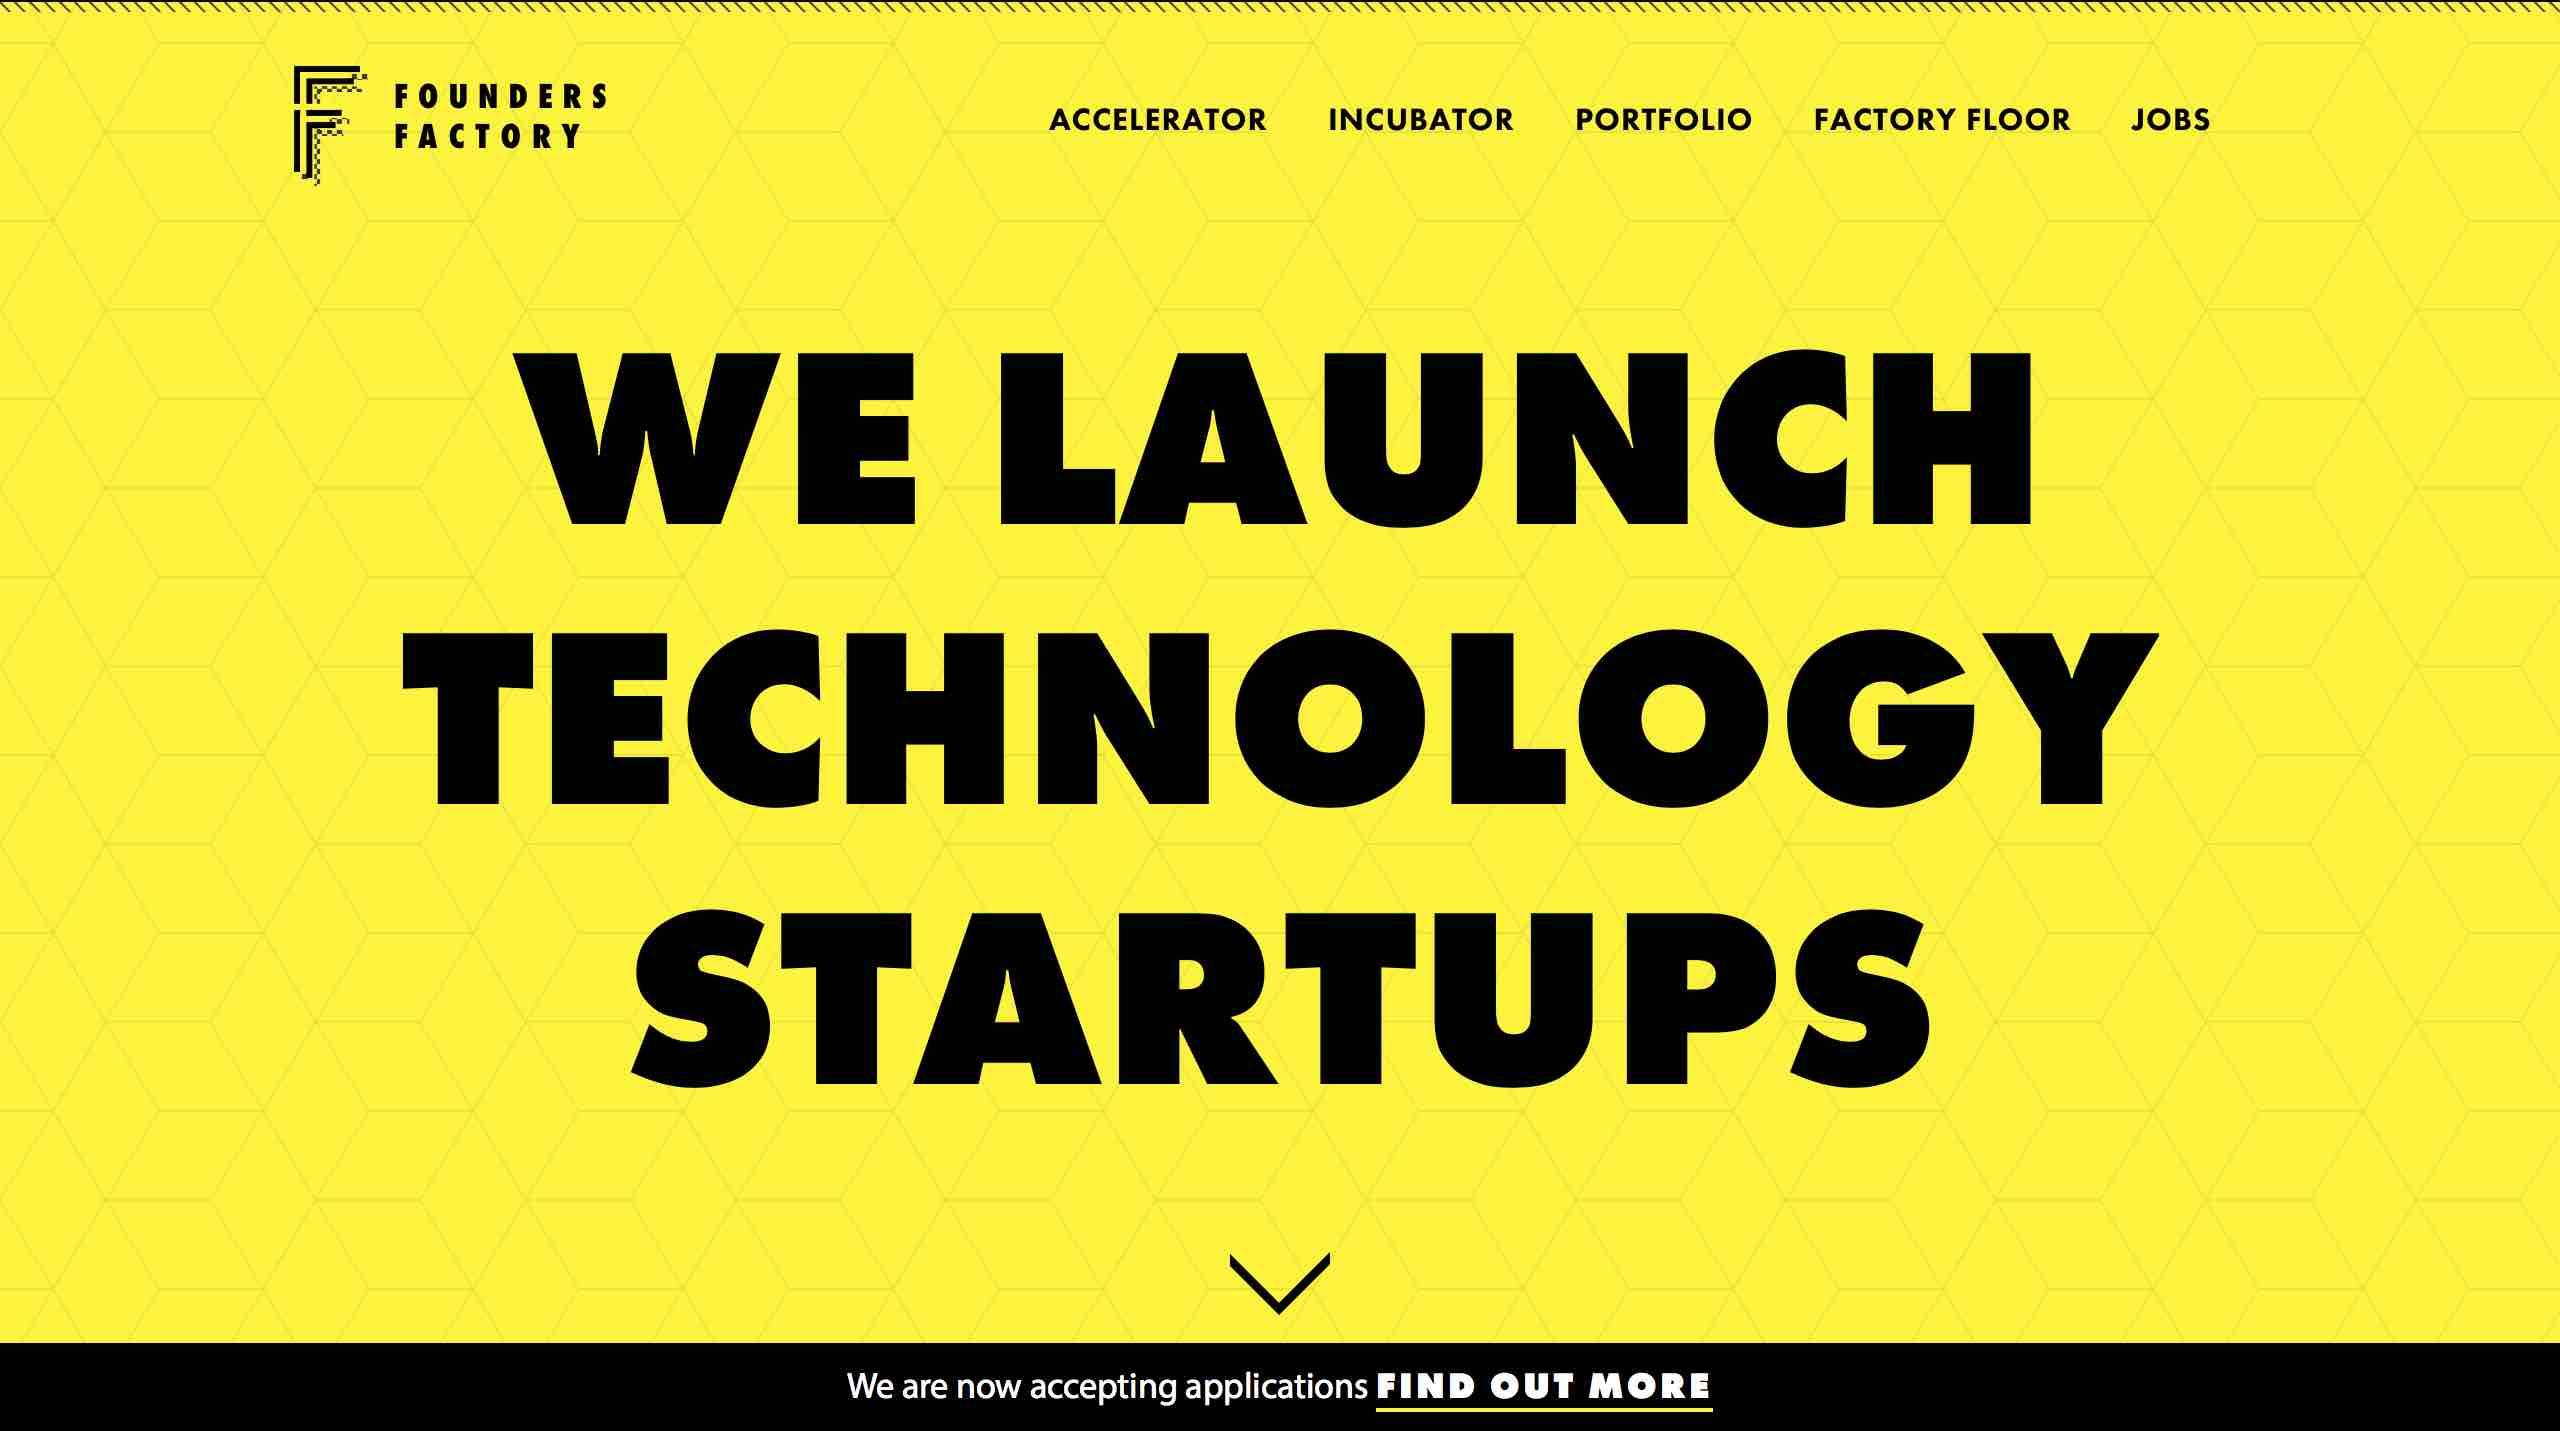 foundersfactory-min